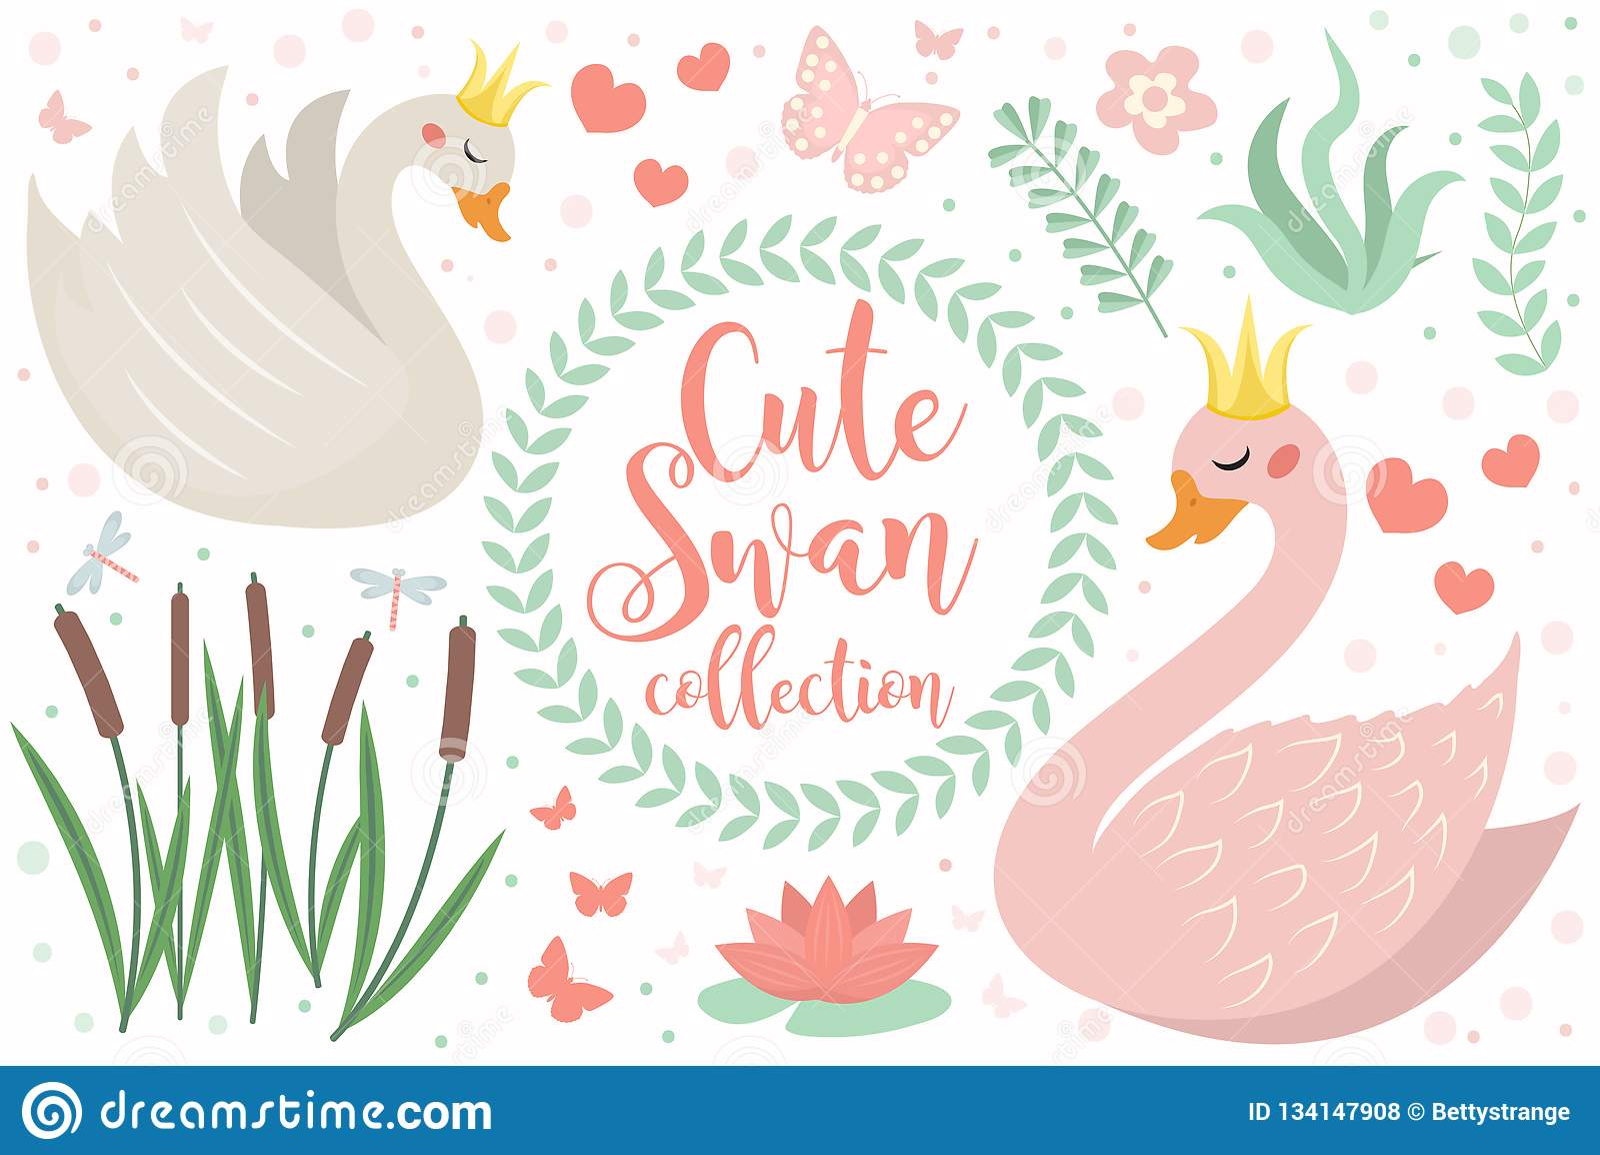 对象逗人喜爱的天鹅公主字符集  设计元素的汇集与天鹅,芦苇,荷花,花,植物的